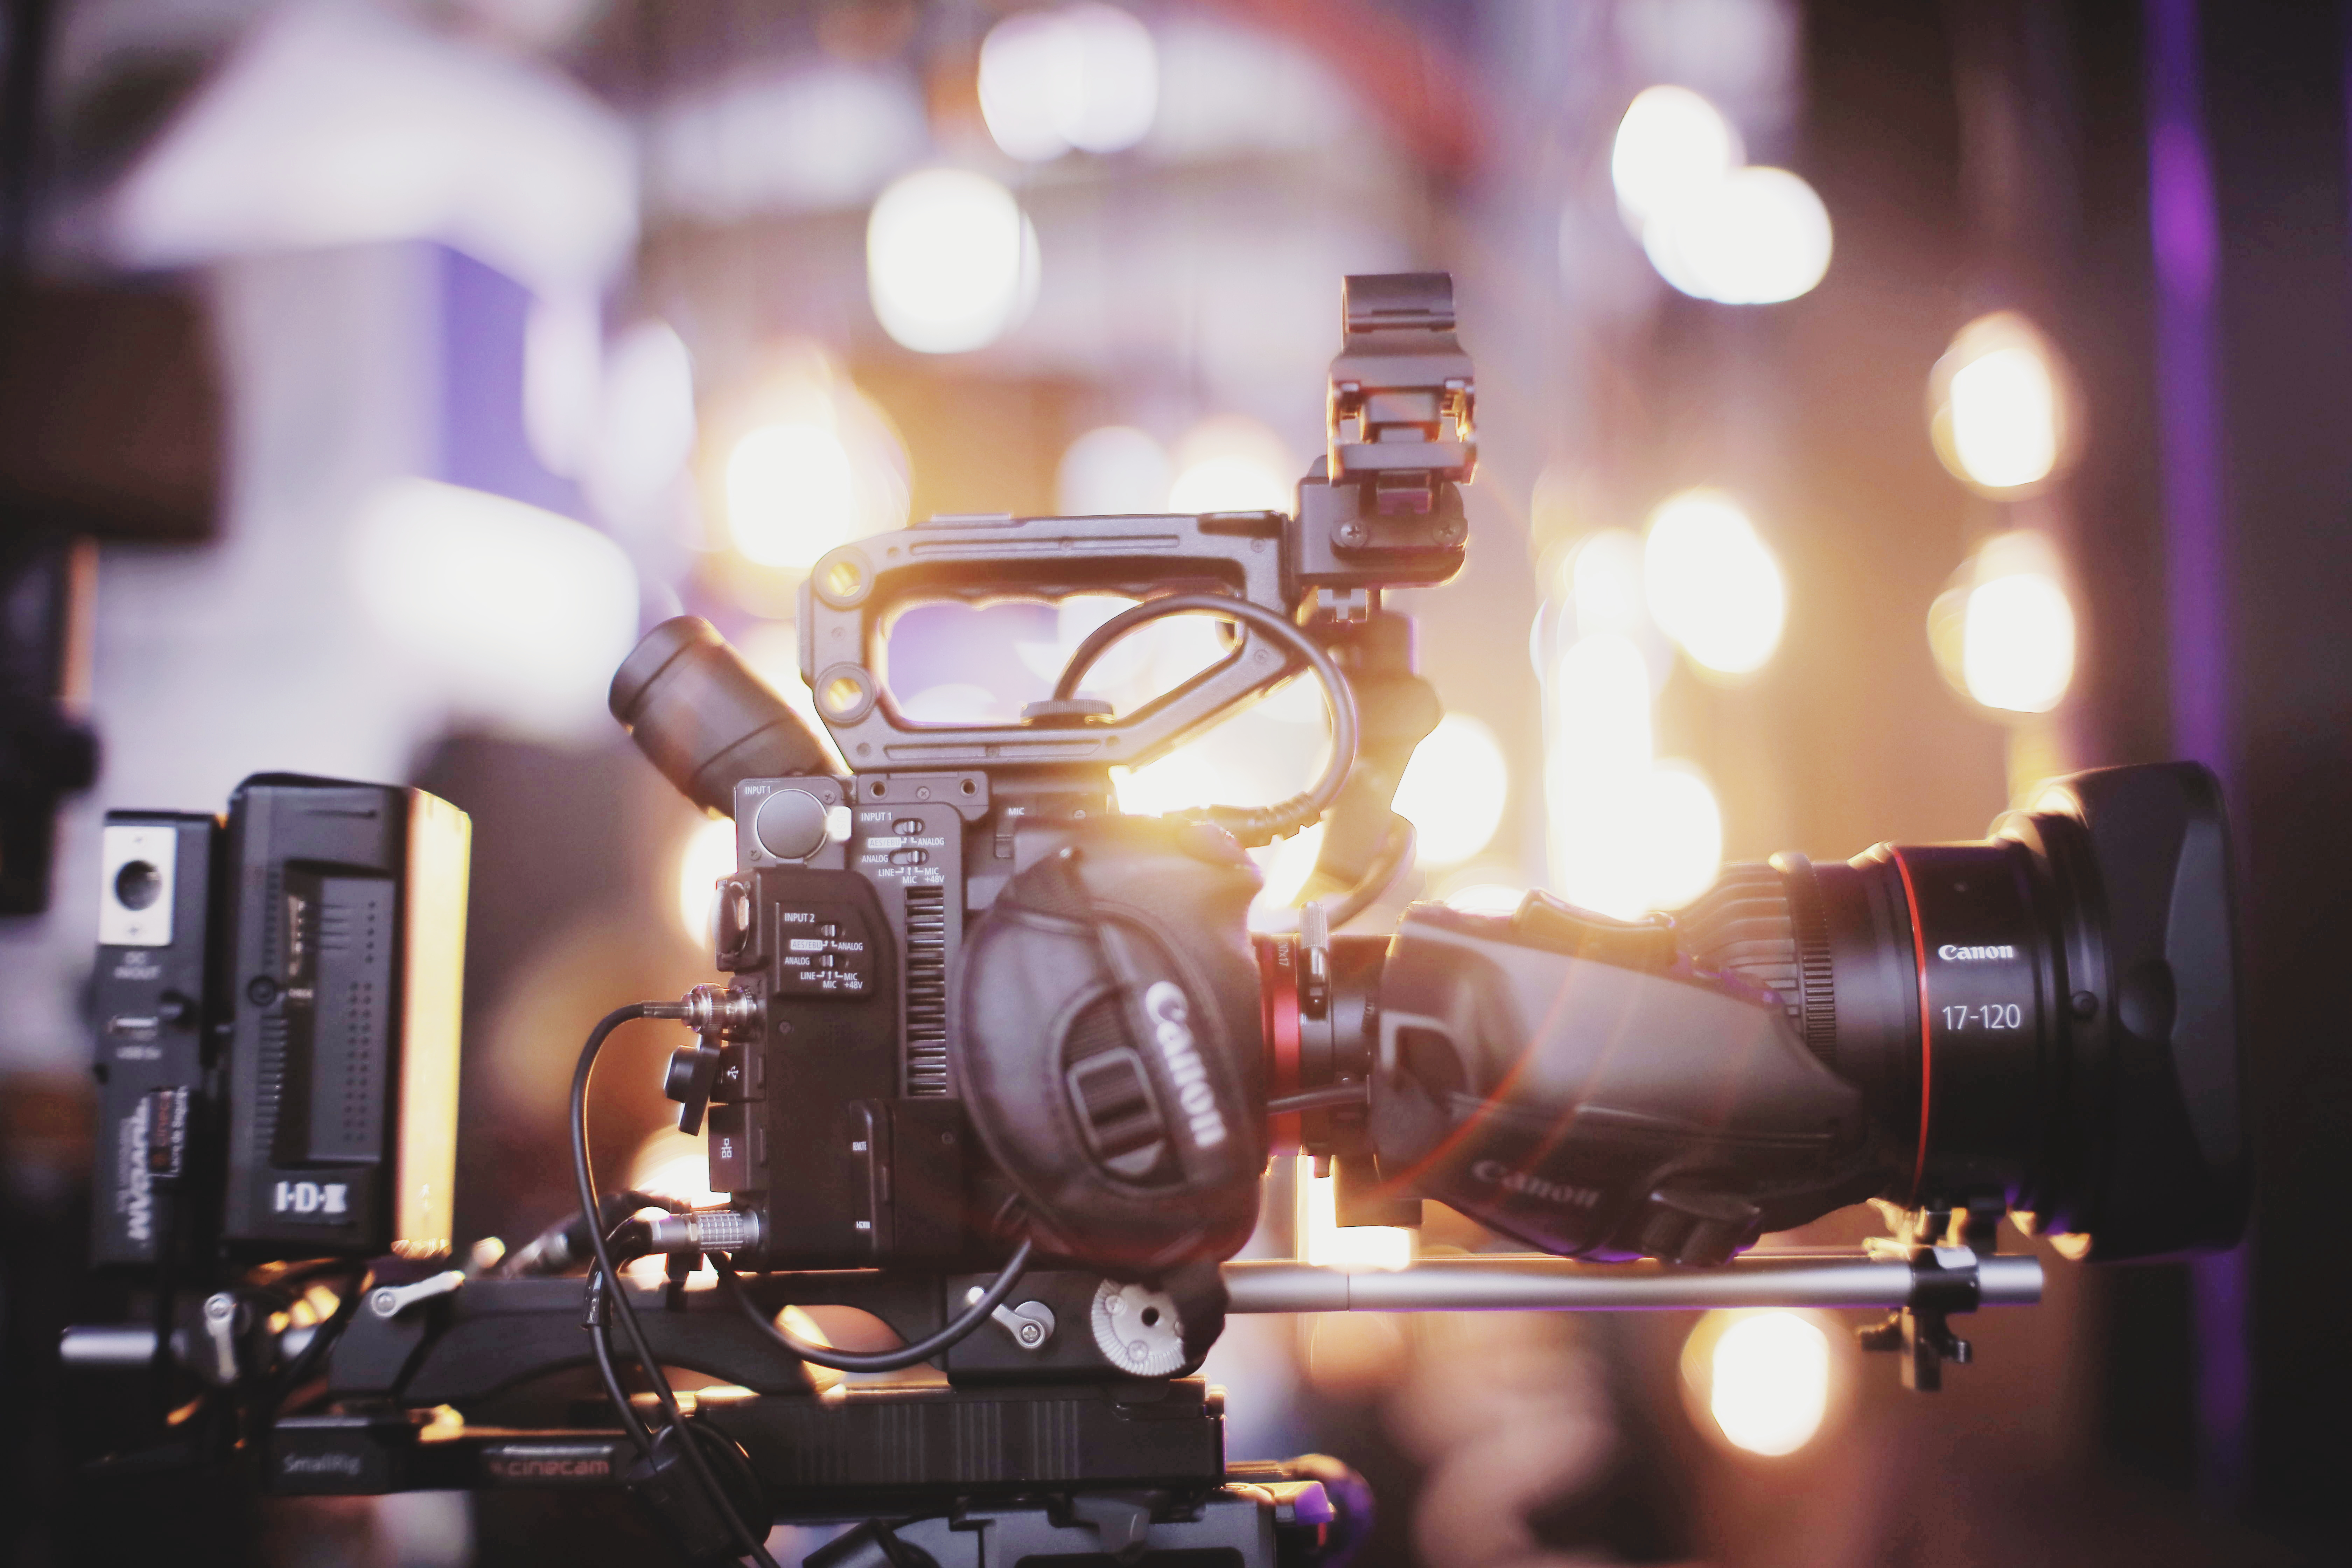 Photo of Black Canon Dslr Camera With Tripod